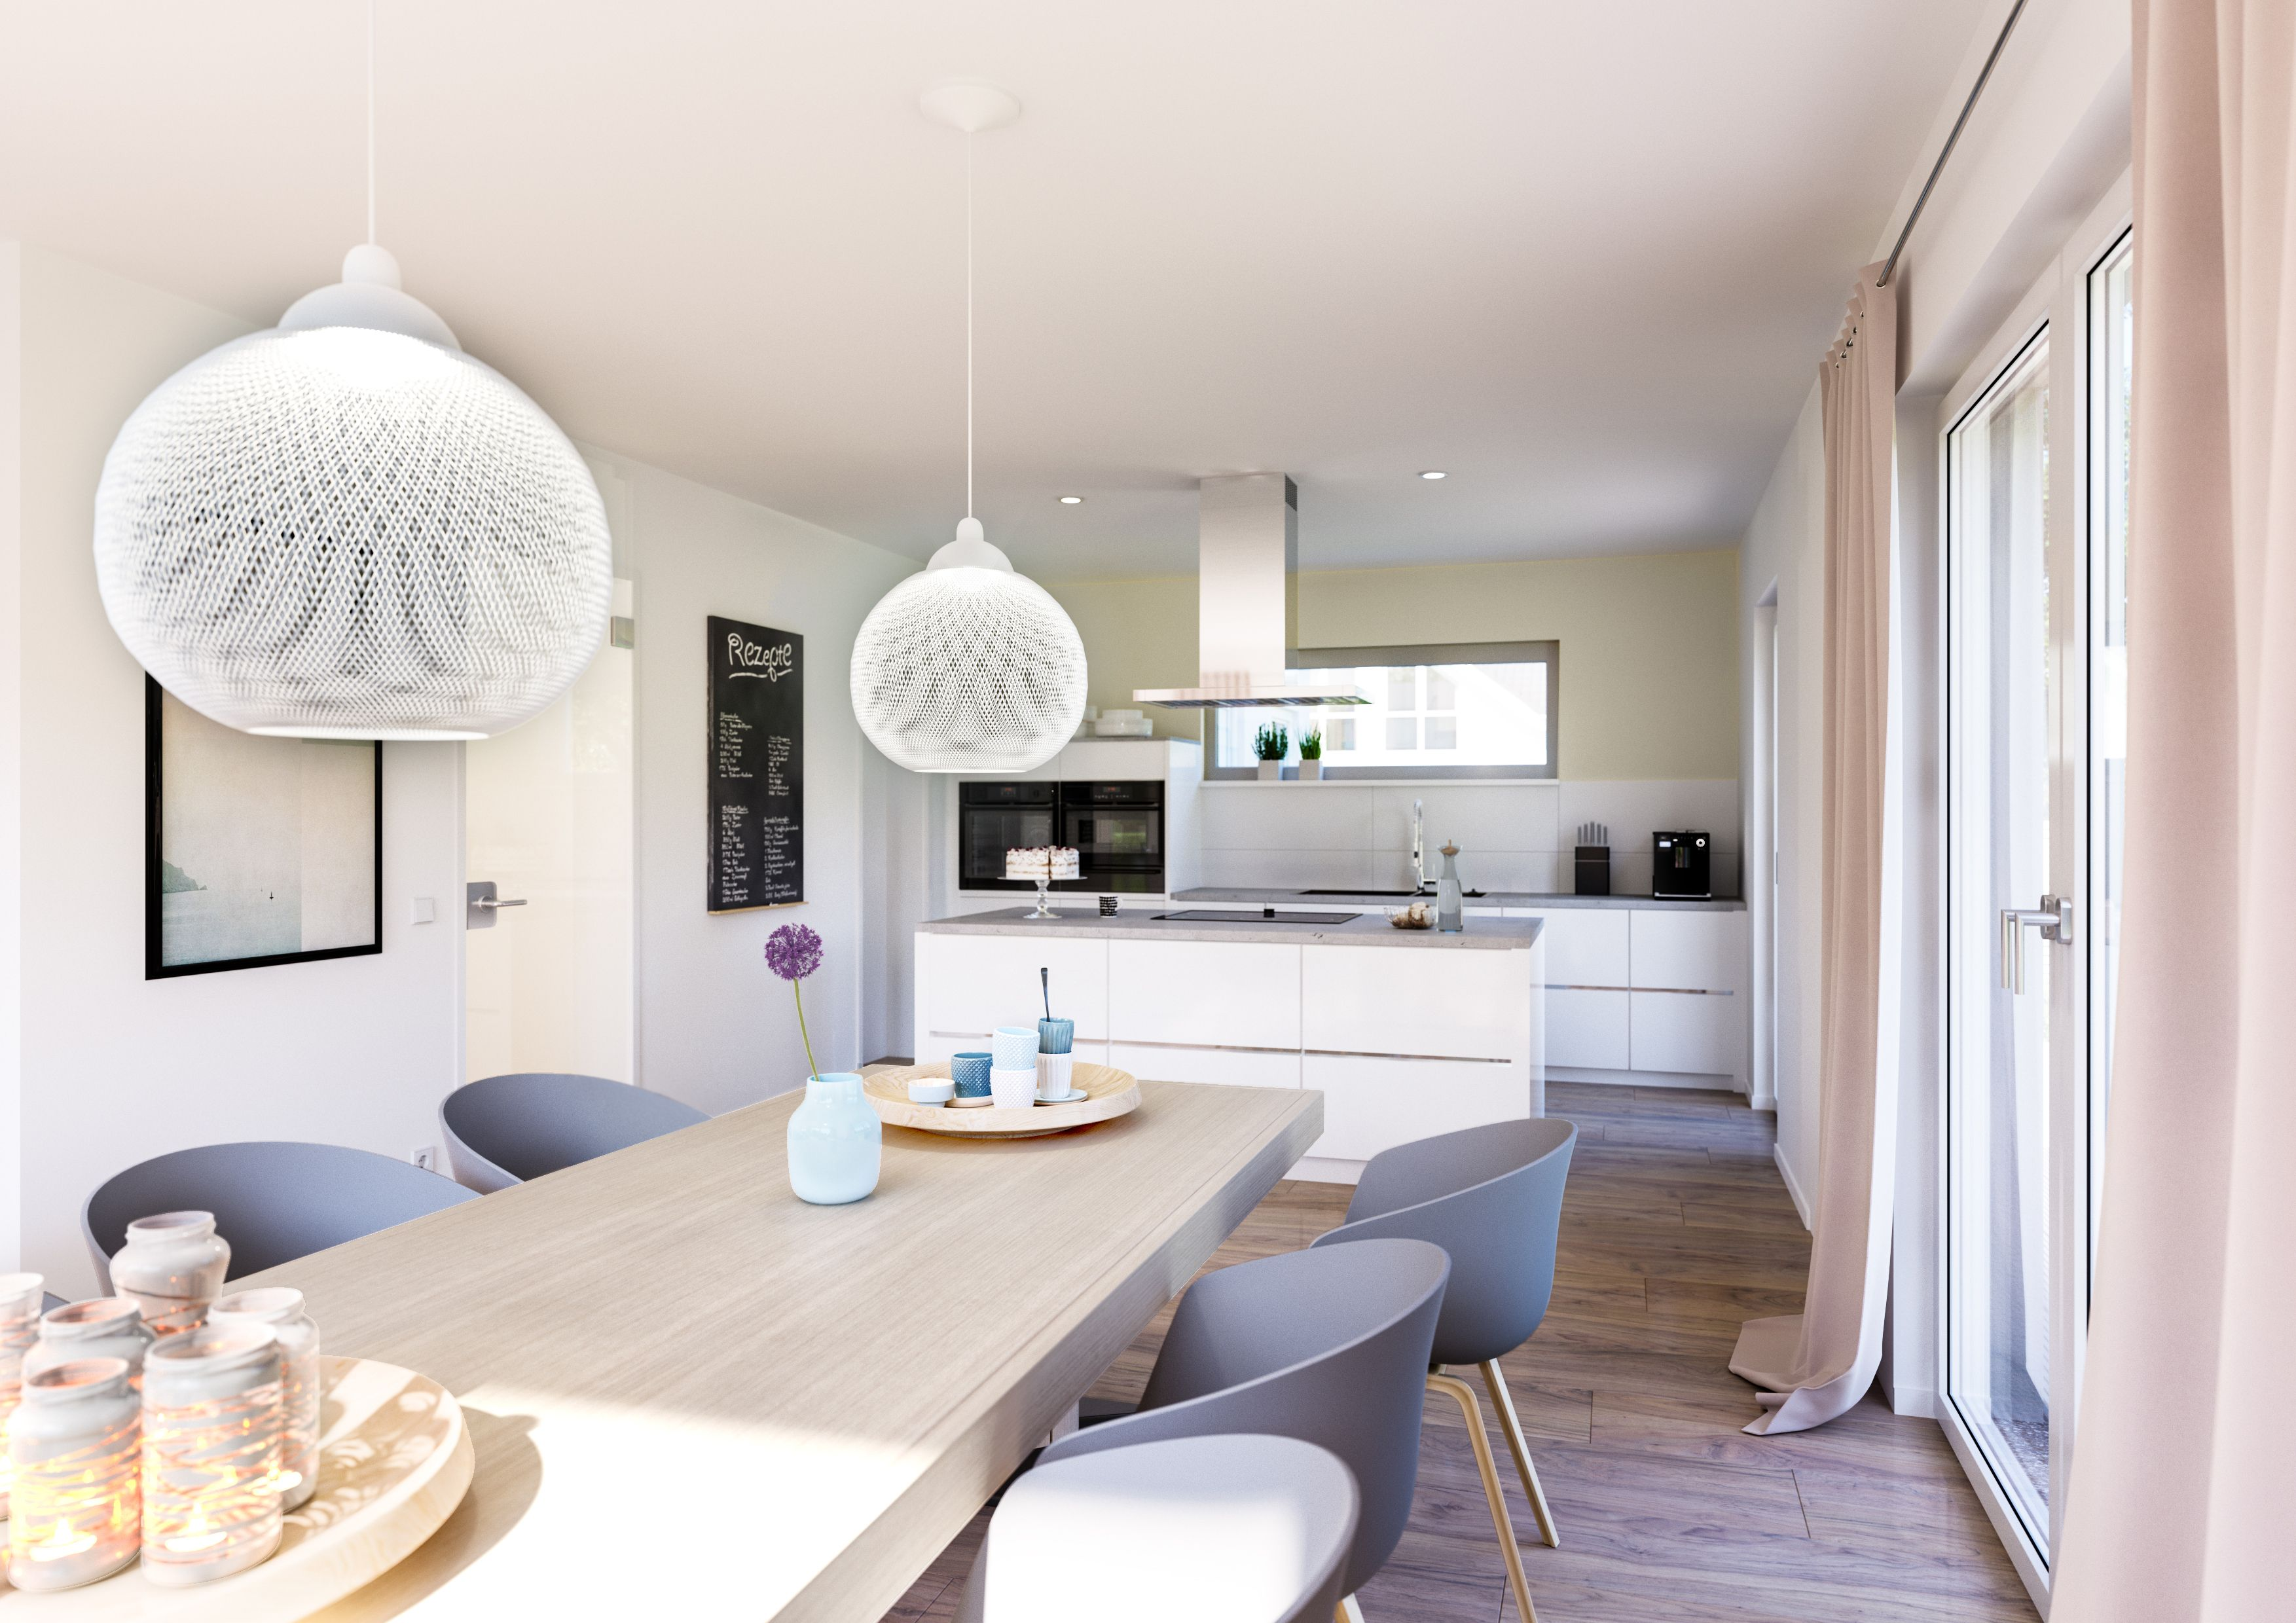 Wohnzimmer des modernen interieurs des hauses häuser  interiors haus and kitchens